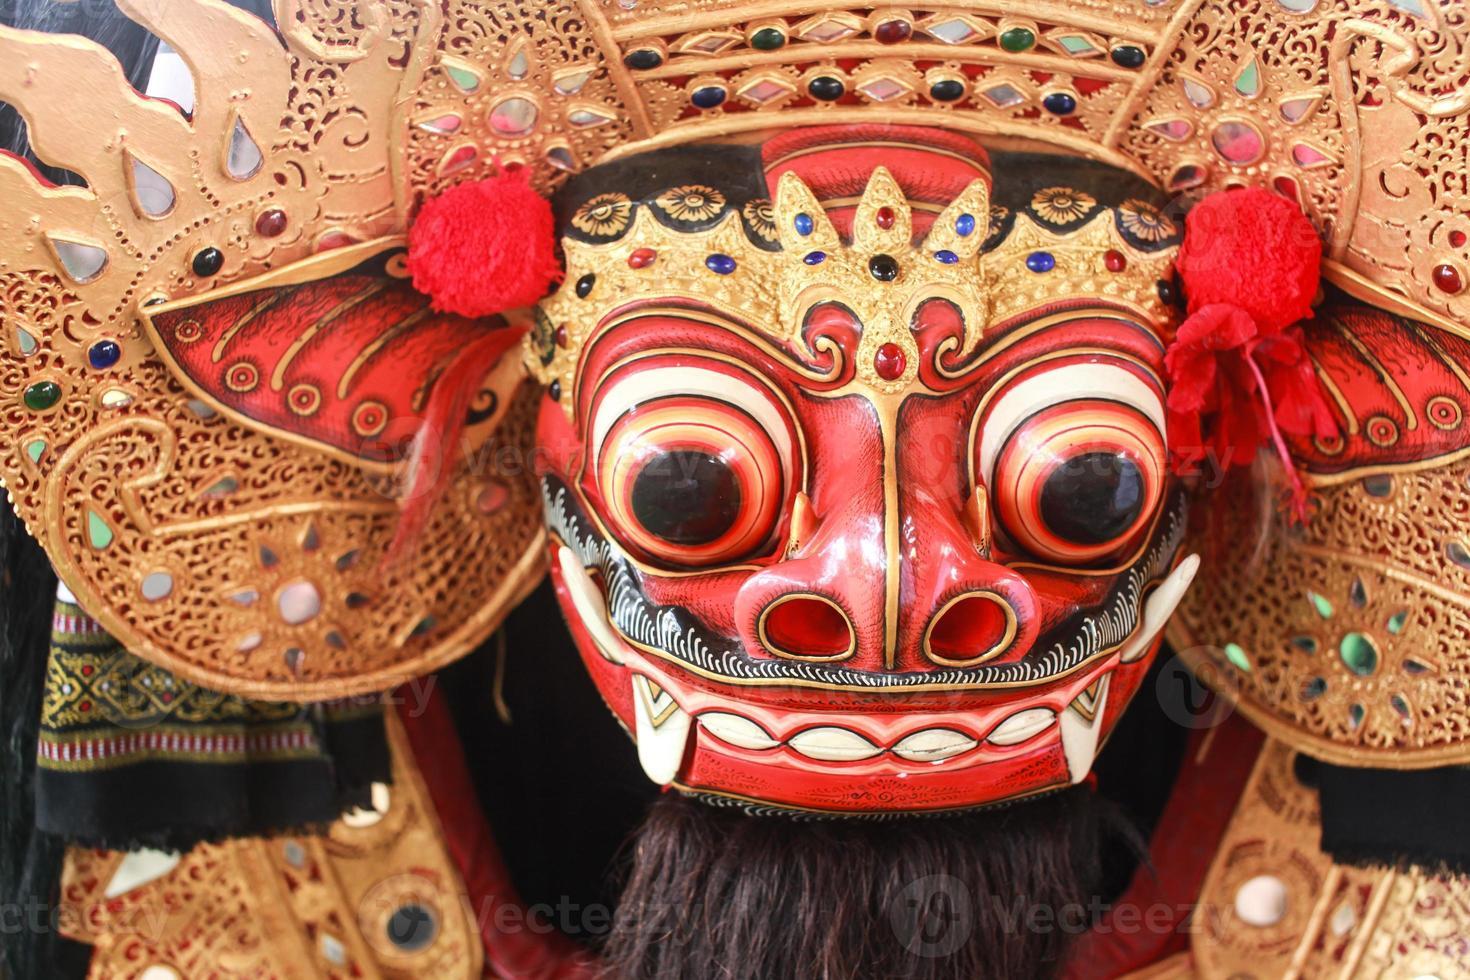 barongmask, signatur av balinesisk kultur foto